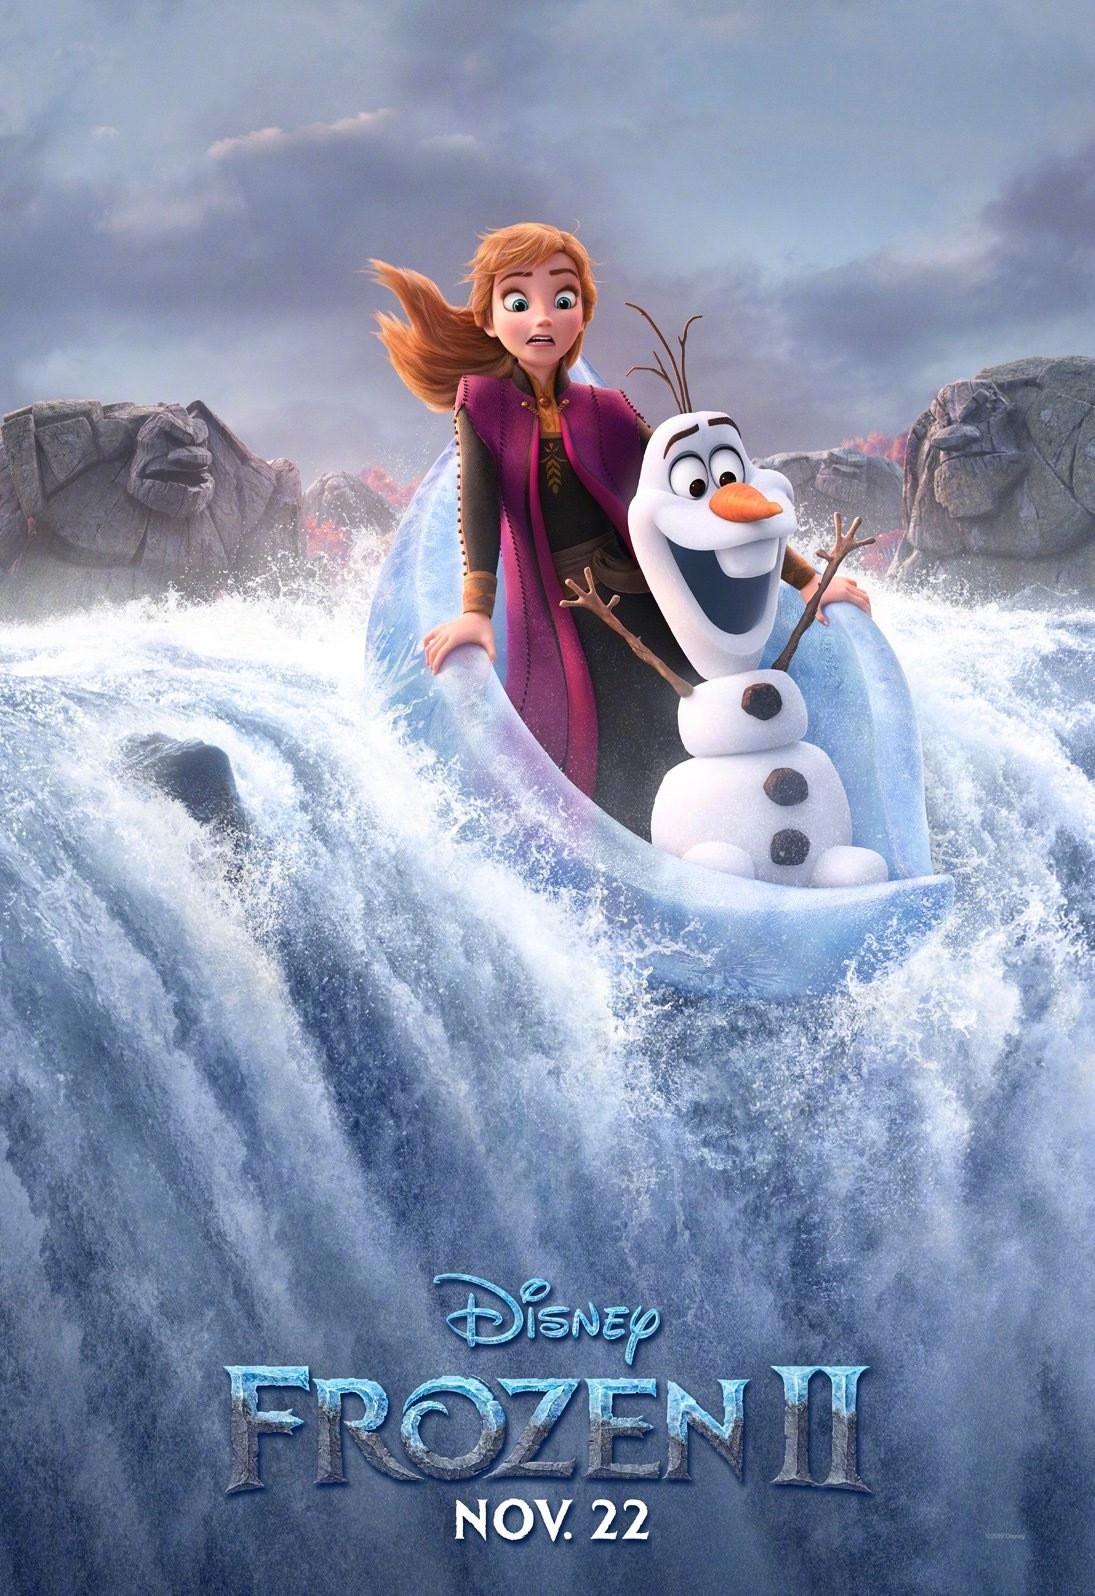 《冰雪奇缘2》 新电视预告 艾莎在湖边放炫酷大招